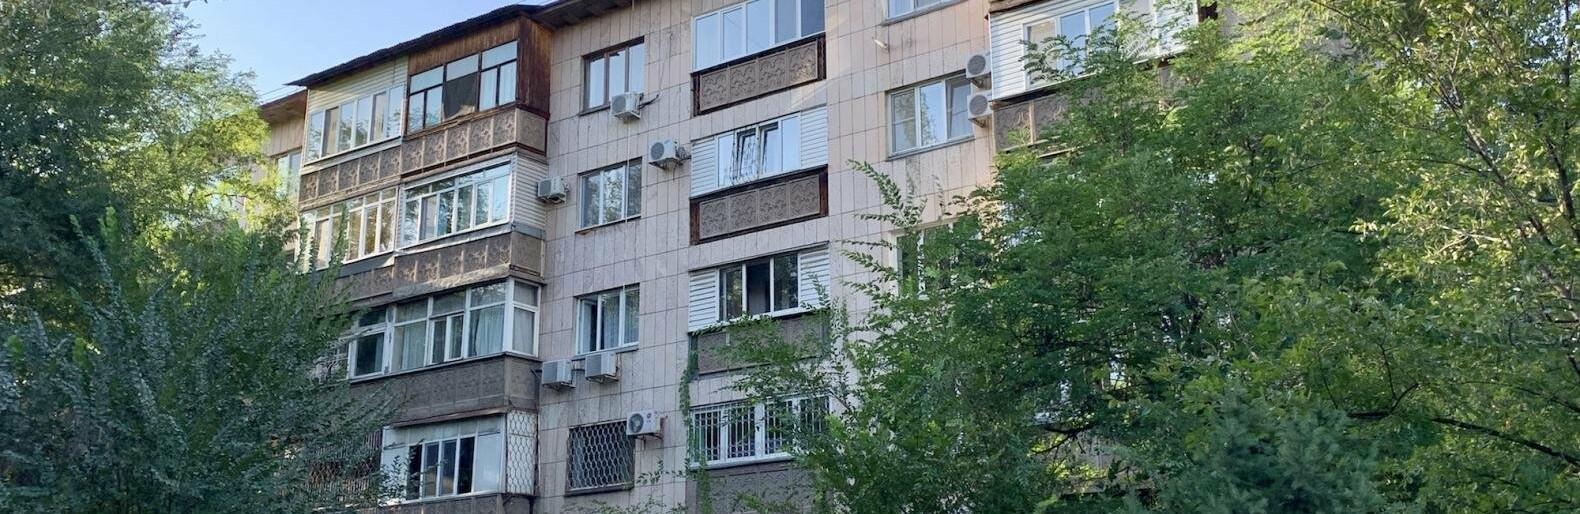 Фасады 12 домов в Алмалинском районе Алматы реконструируют в 2021 году